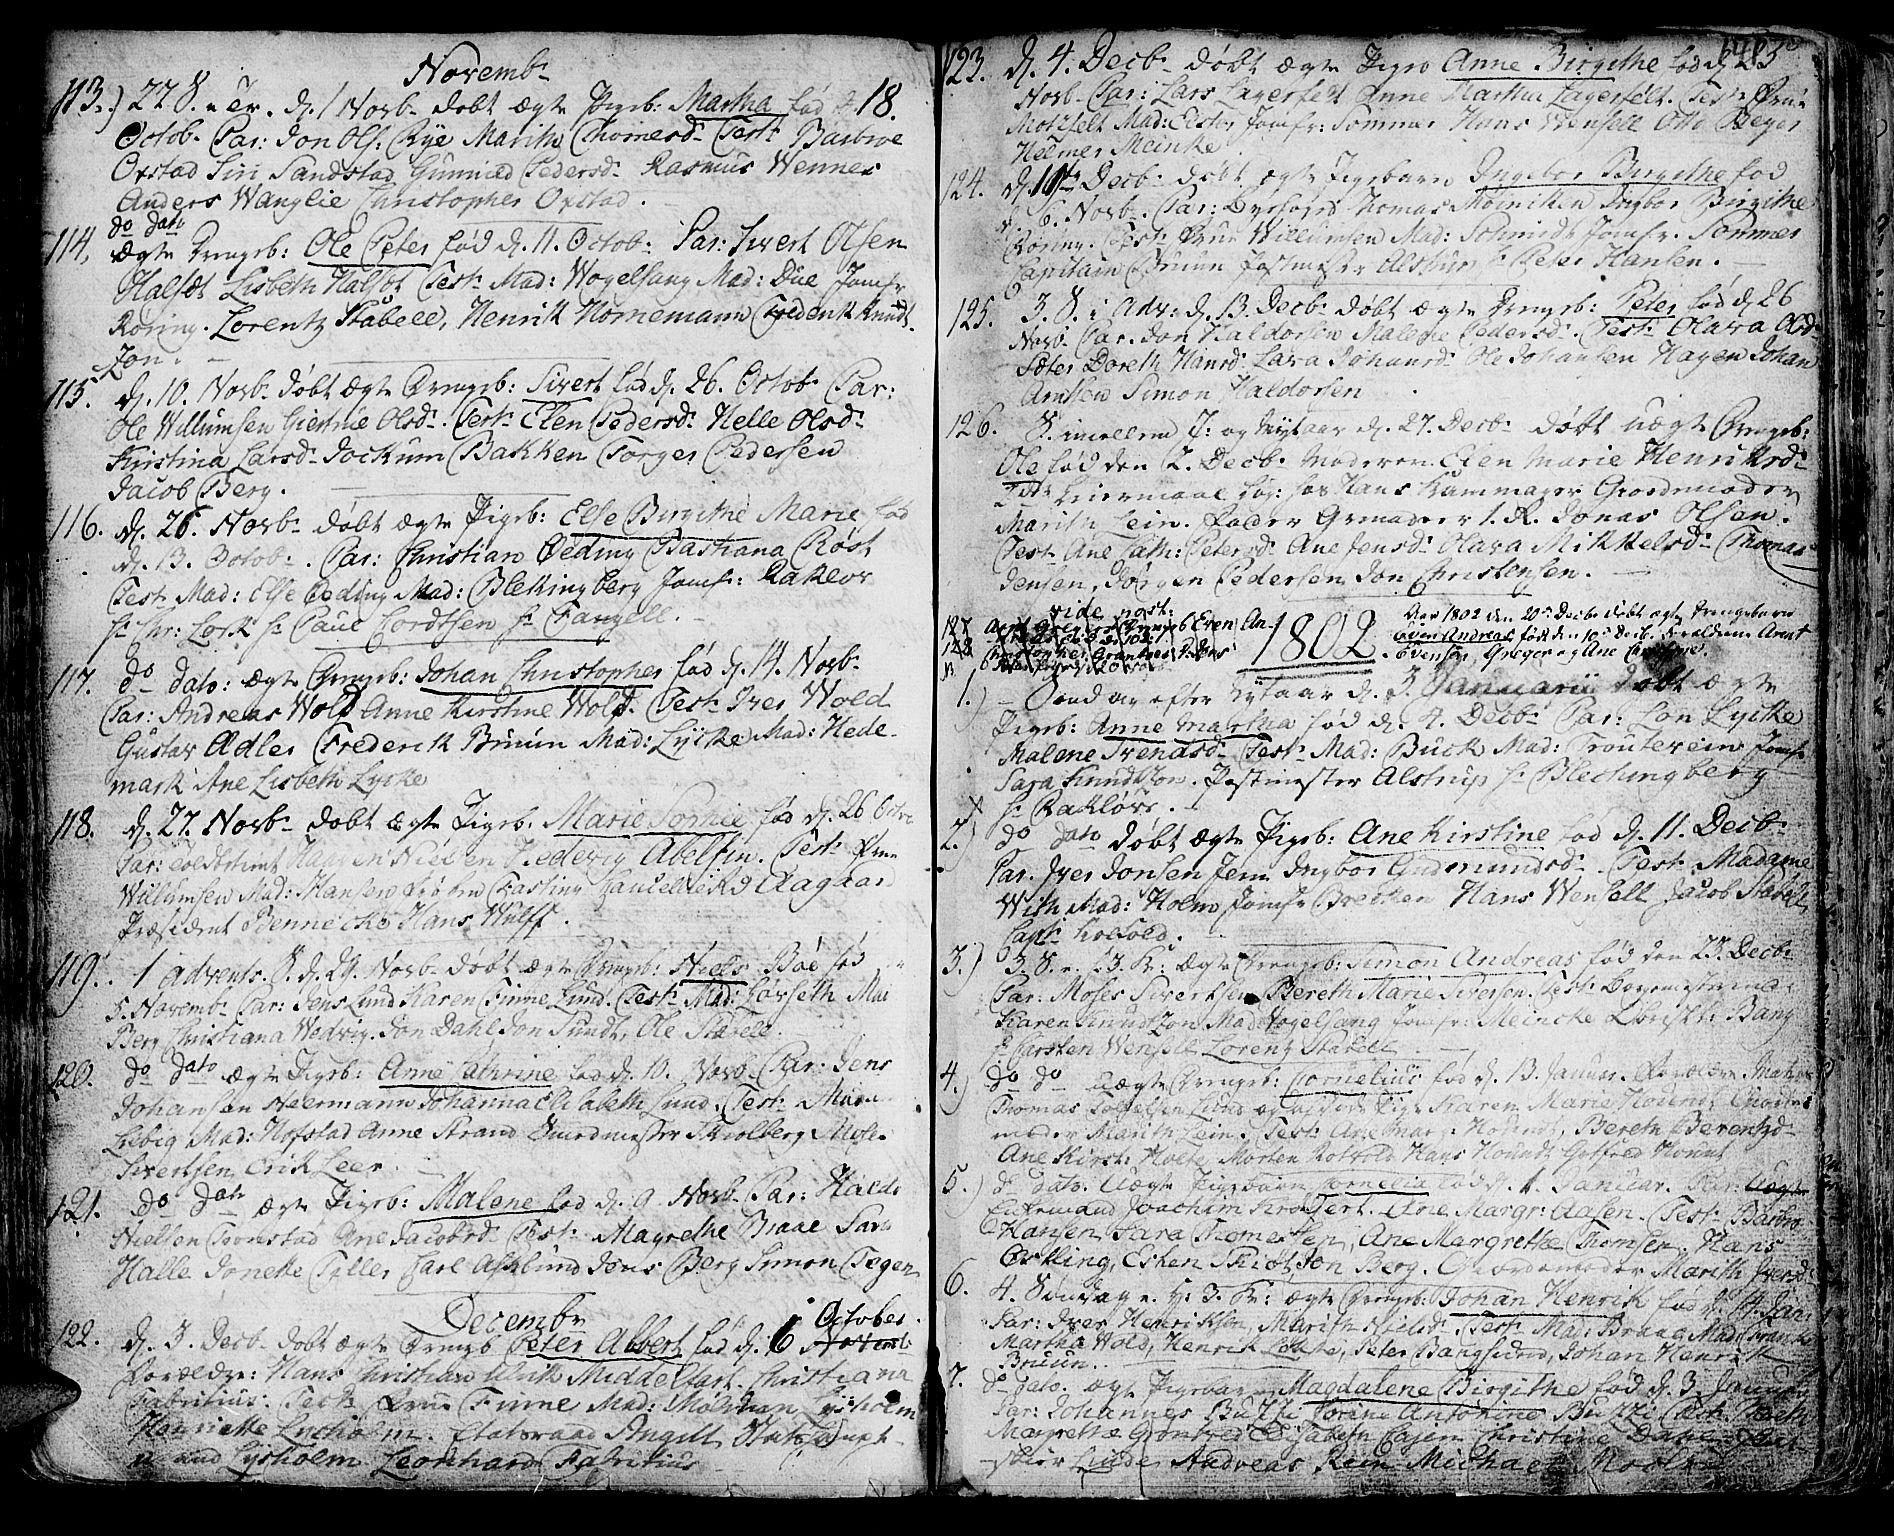 SAT, Ministerialprotokoller, klokkerbøker og fødselsregistre - Sør-Trøndelag, 601/L0039: Ministerialbok nr. 601A07, 1770-1819, s. 141